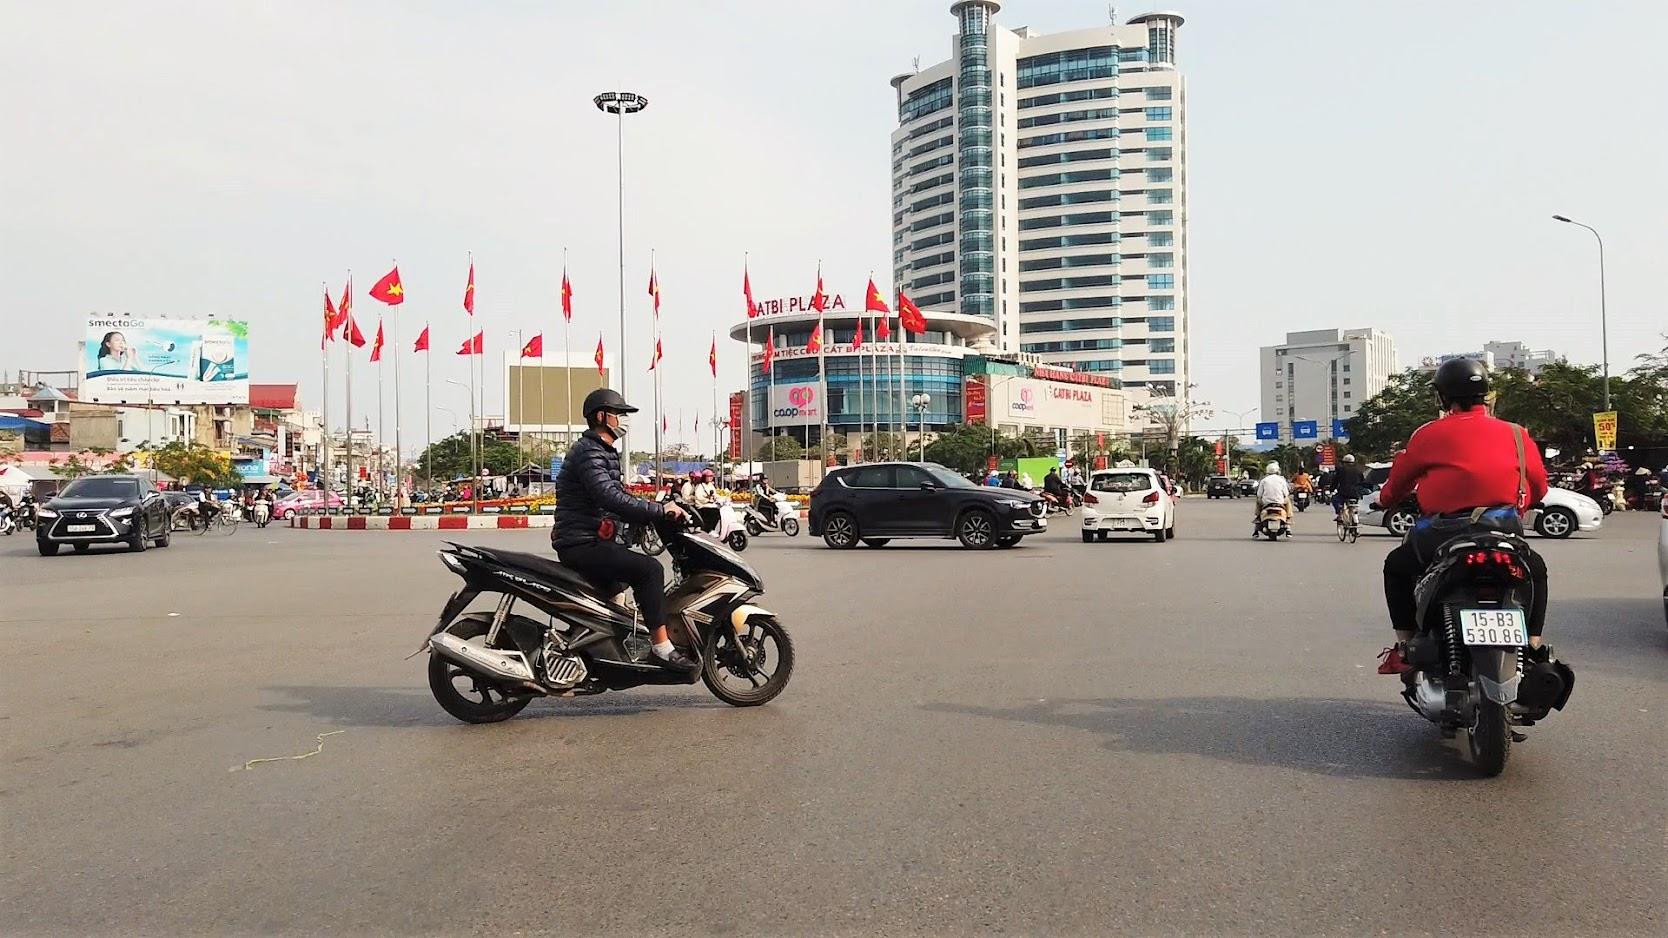 Chợ hoa Tết 2020 đường Lê Hồng Phong ở Hải Phòng 2